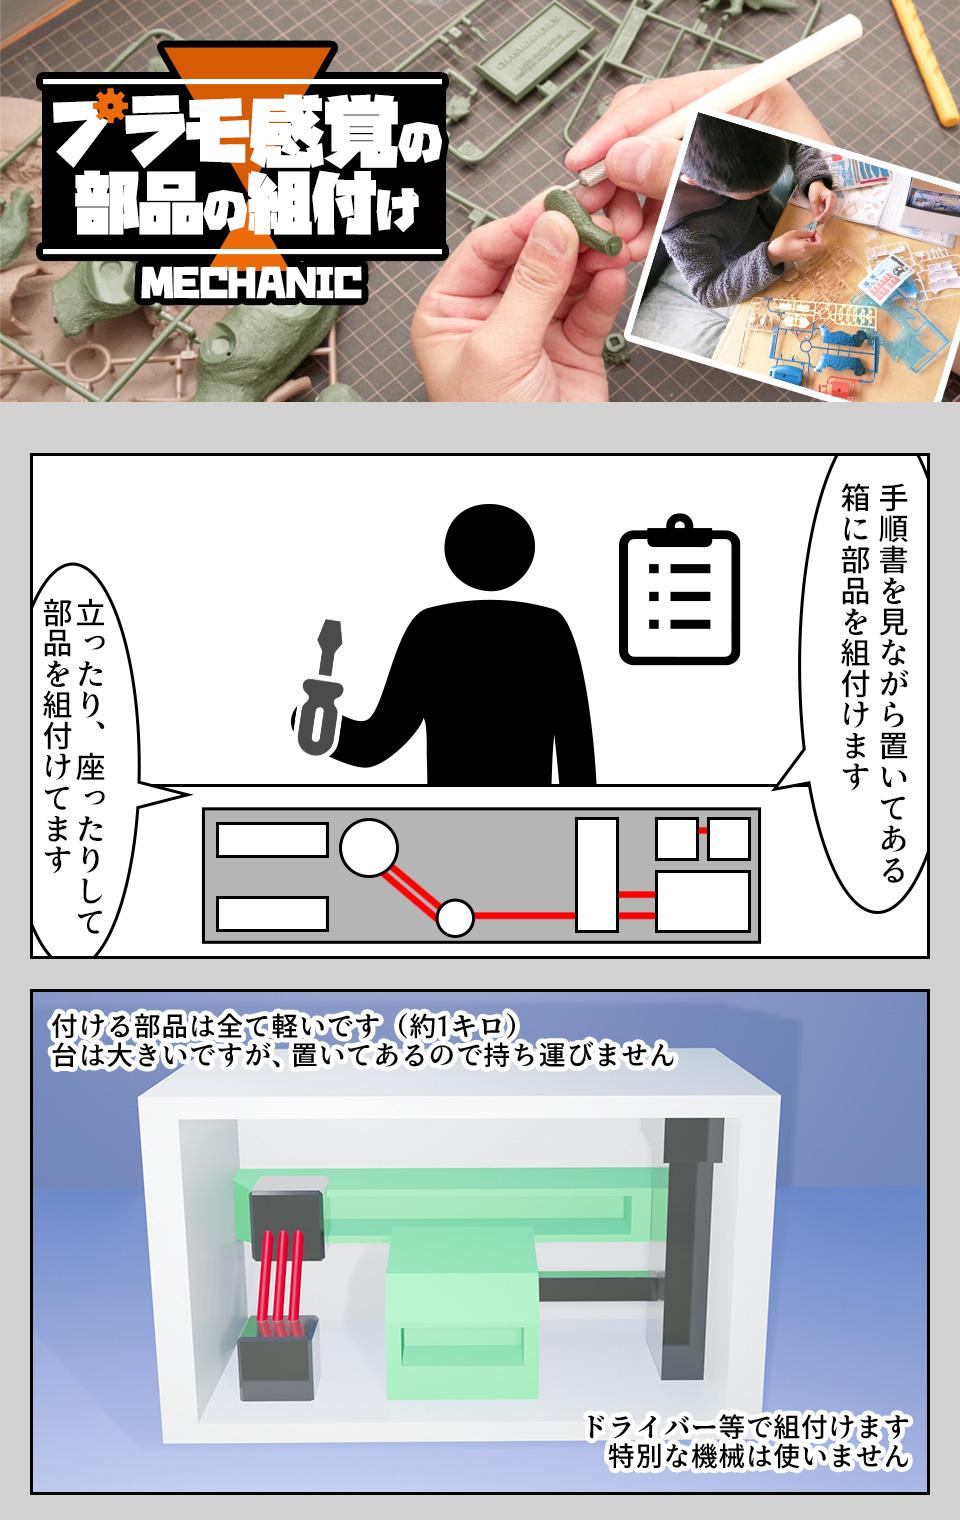 部品の組付け・検査 石川県白山市の派遣社員求人